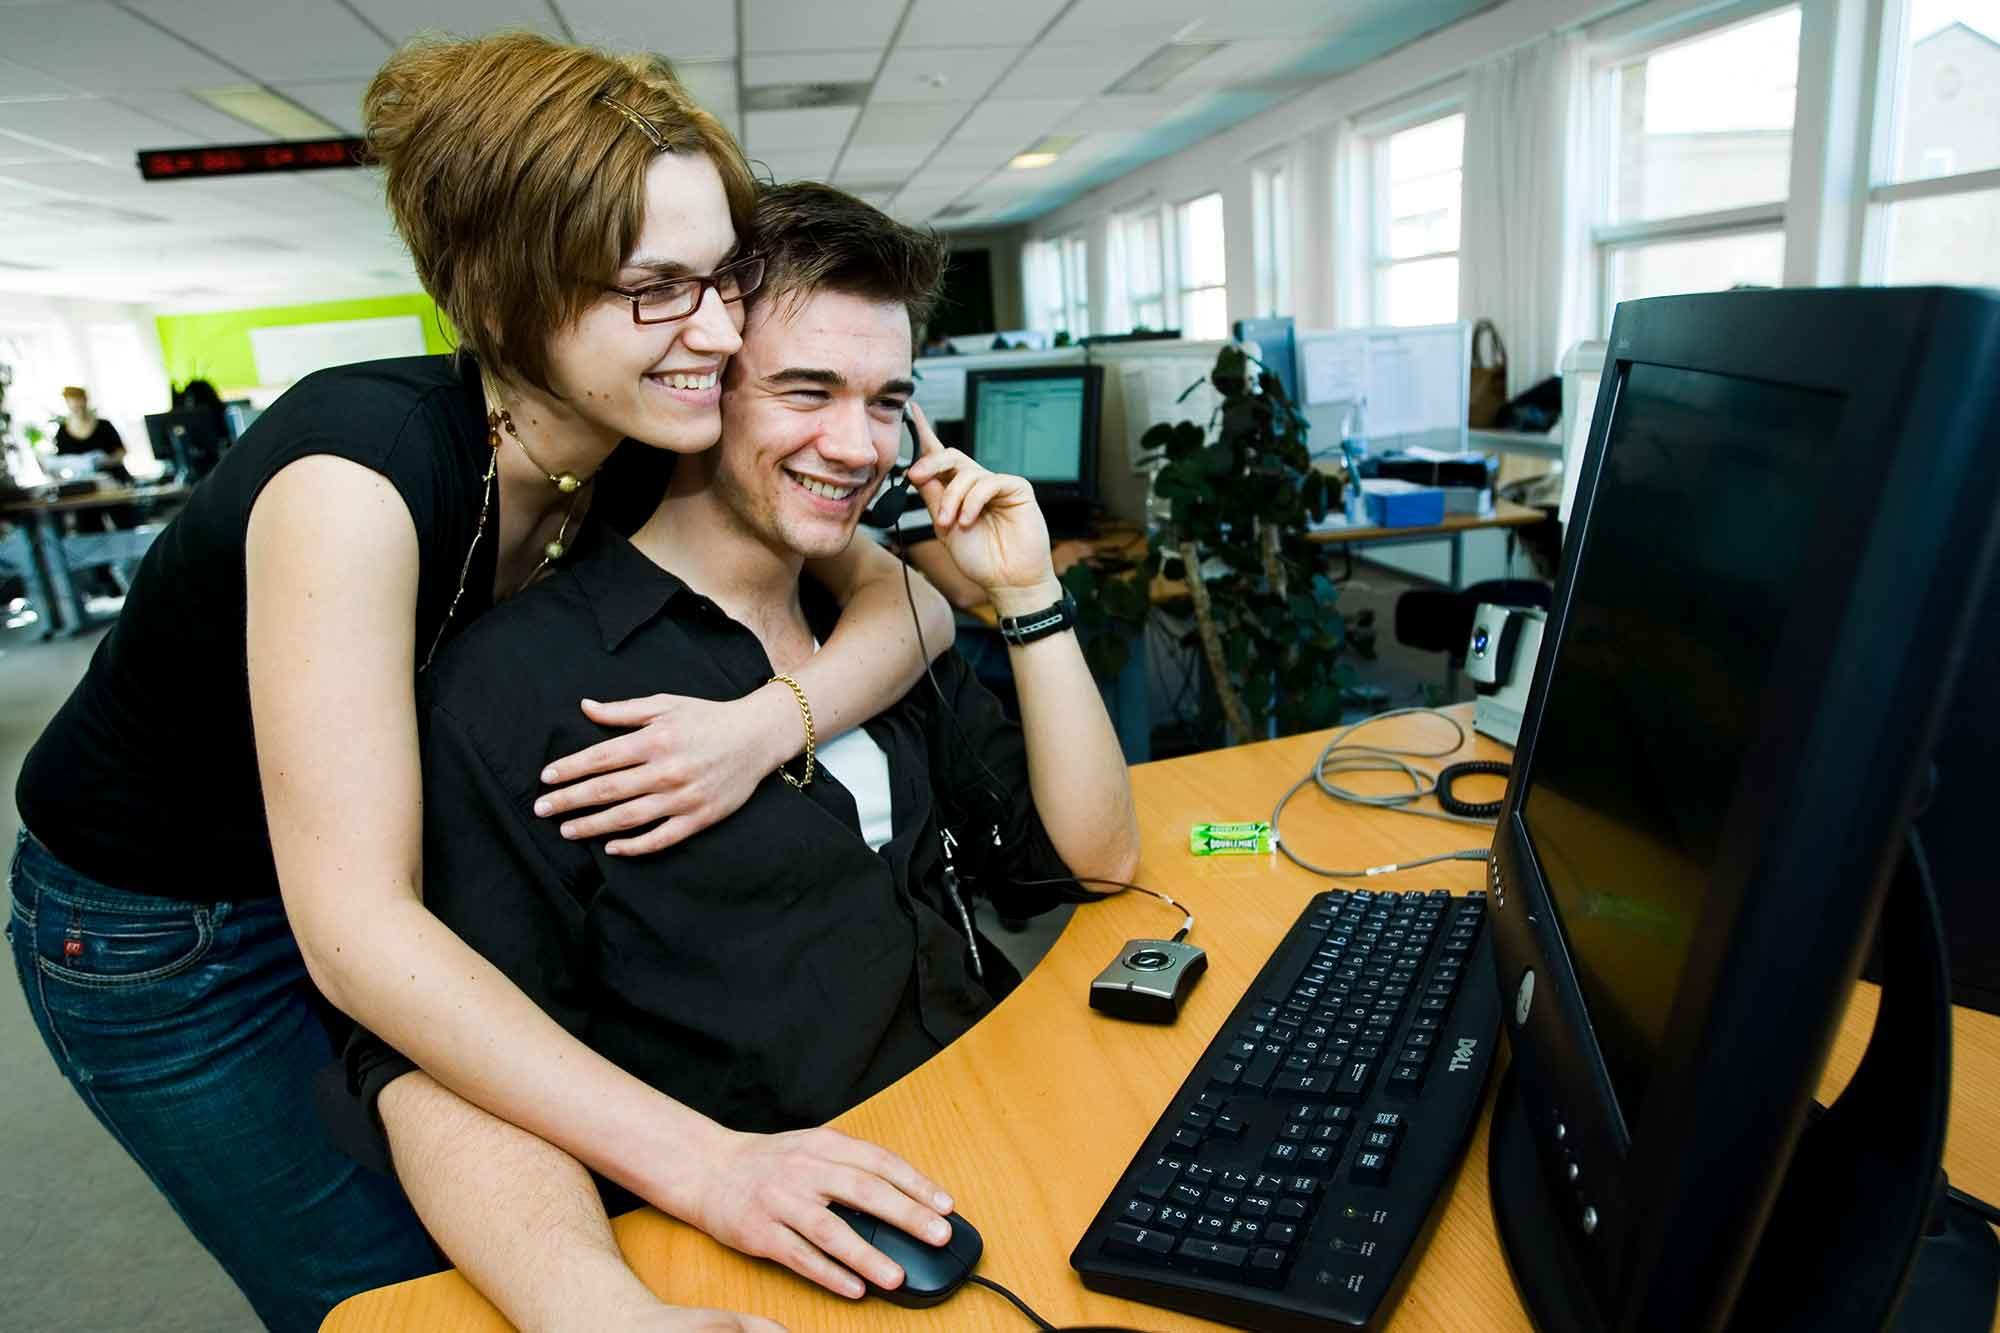 Kærlighed mellem medarbejdere på arbejdspladsen